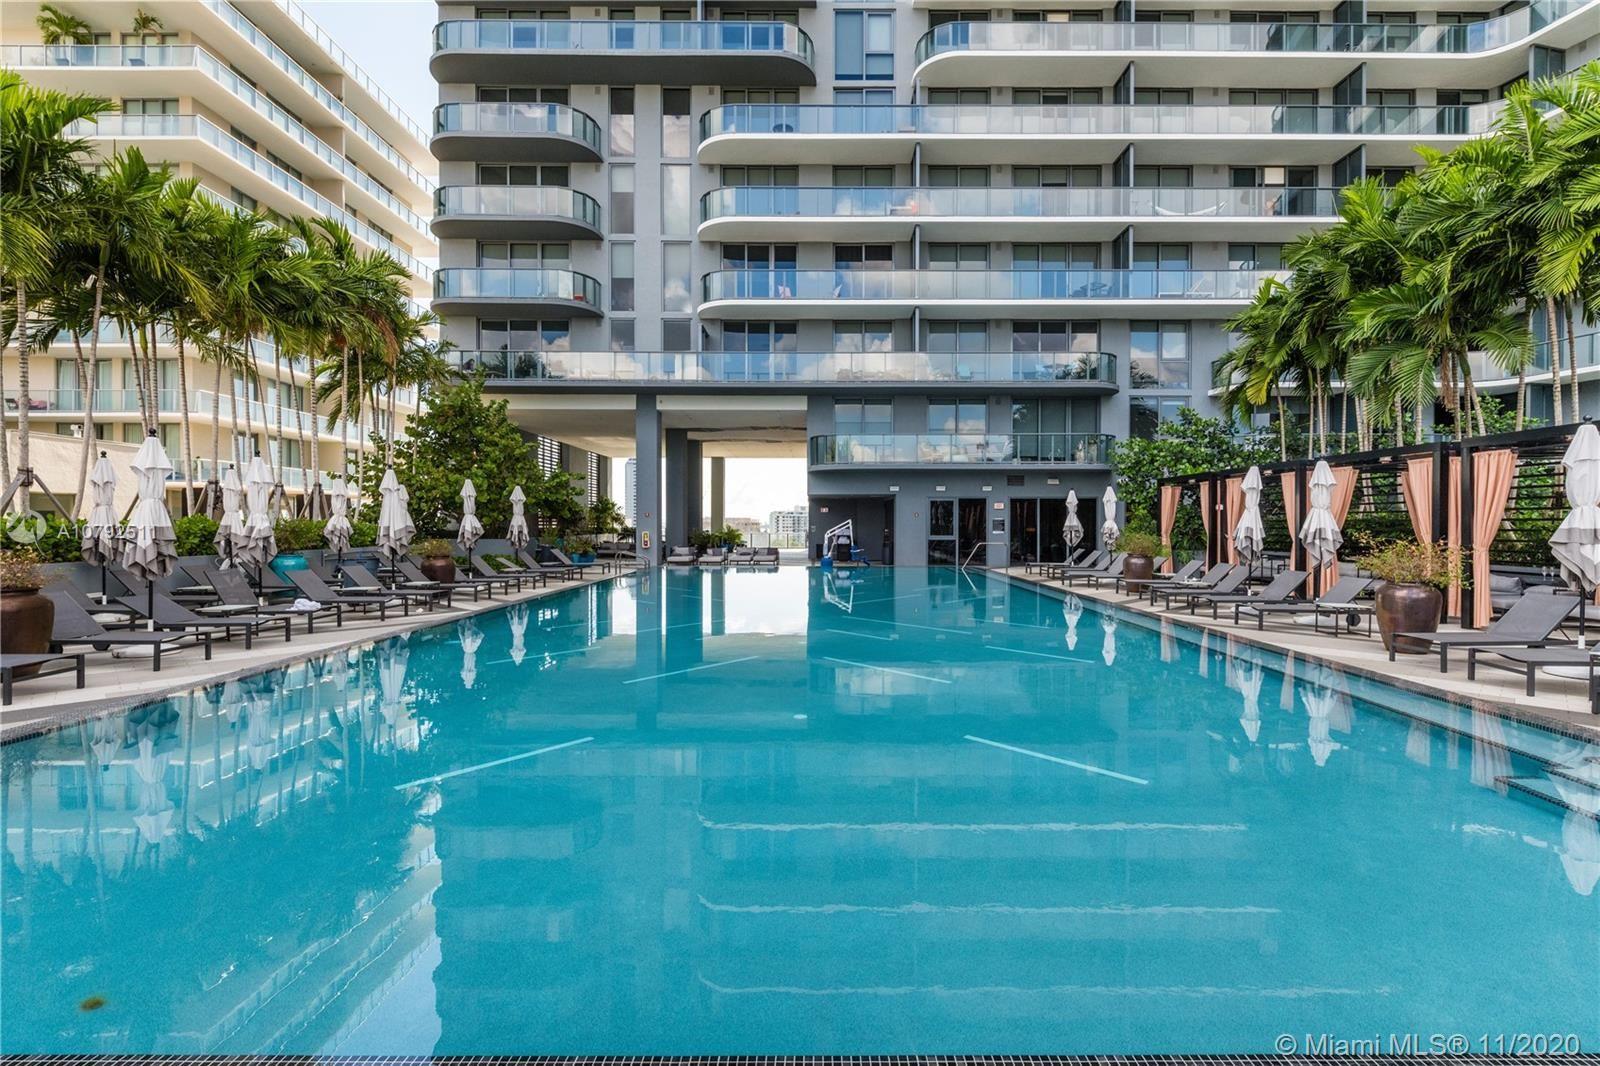 121 NE 34th St #905, Miami, FL 33137 - #: A10792511